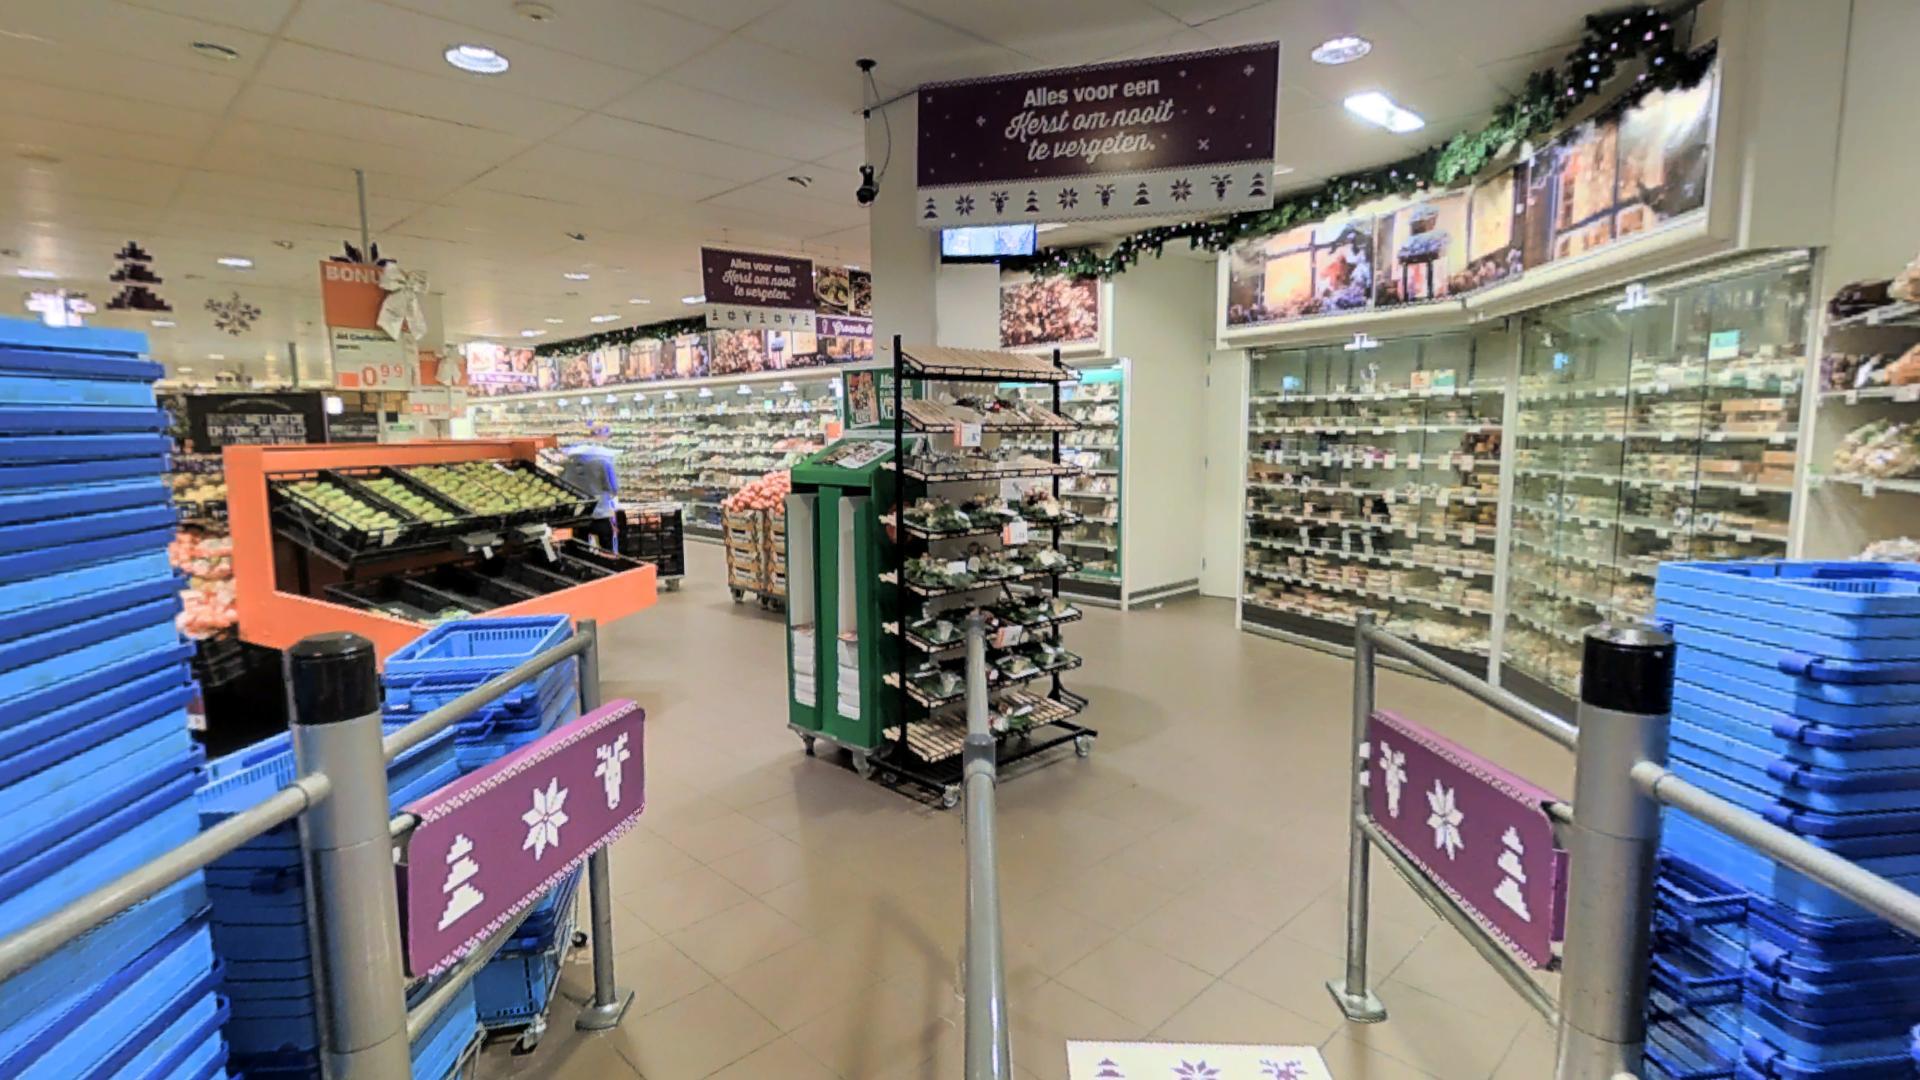 Albert Heijn Dutch Supermarket